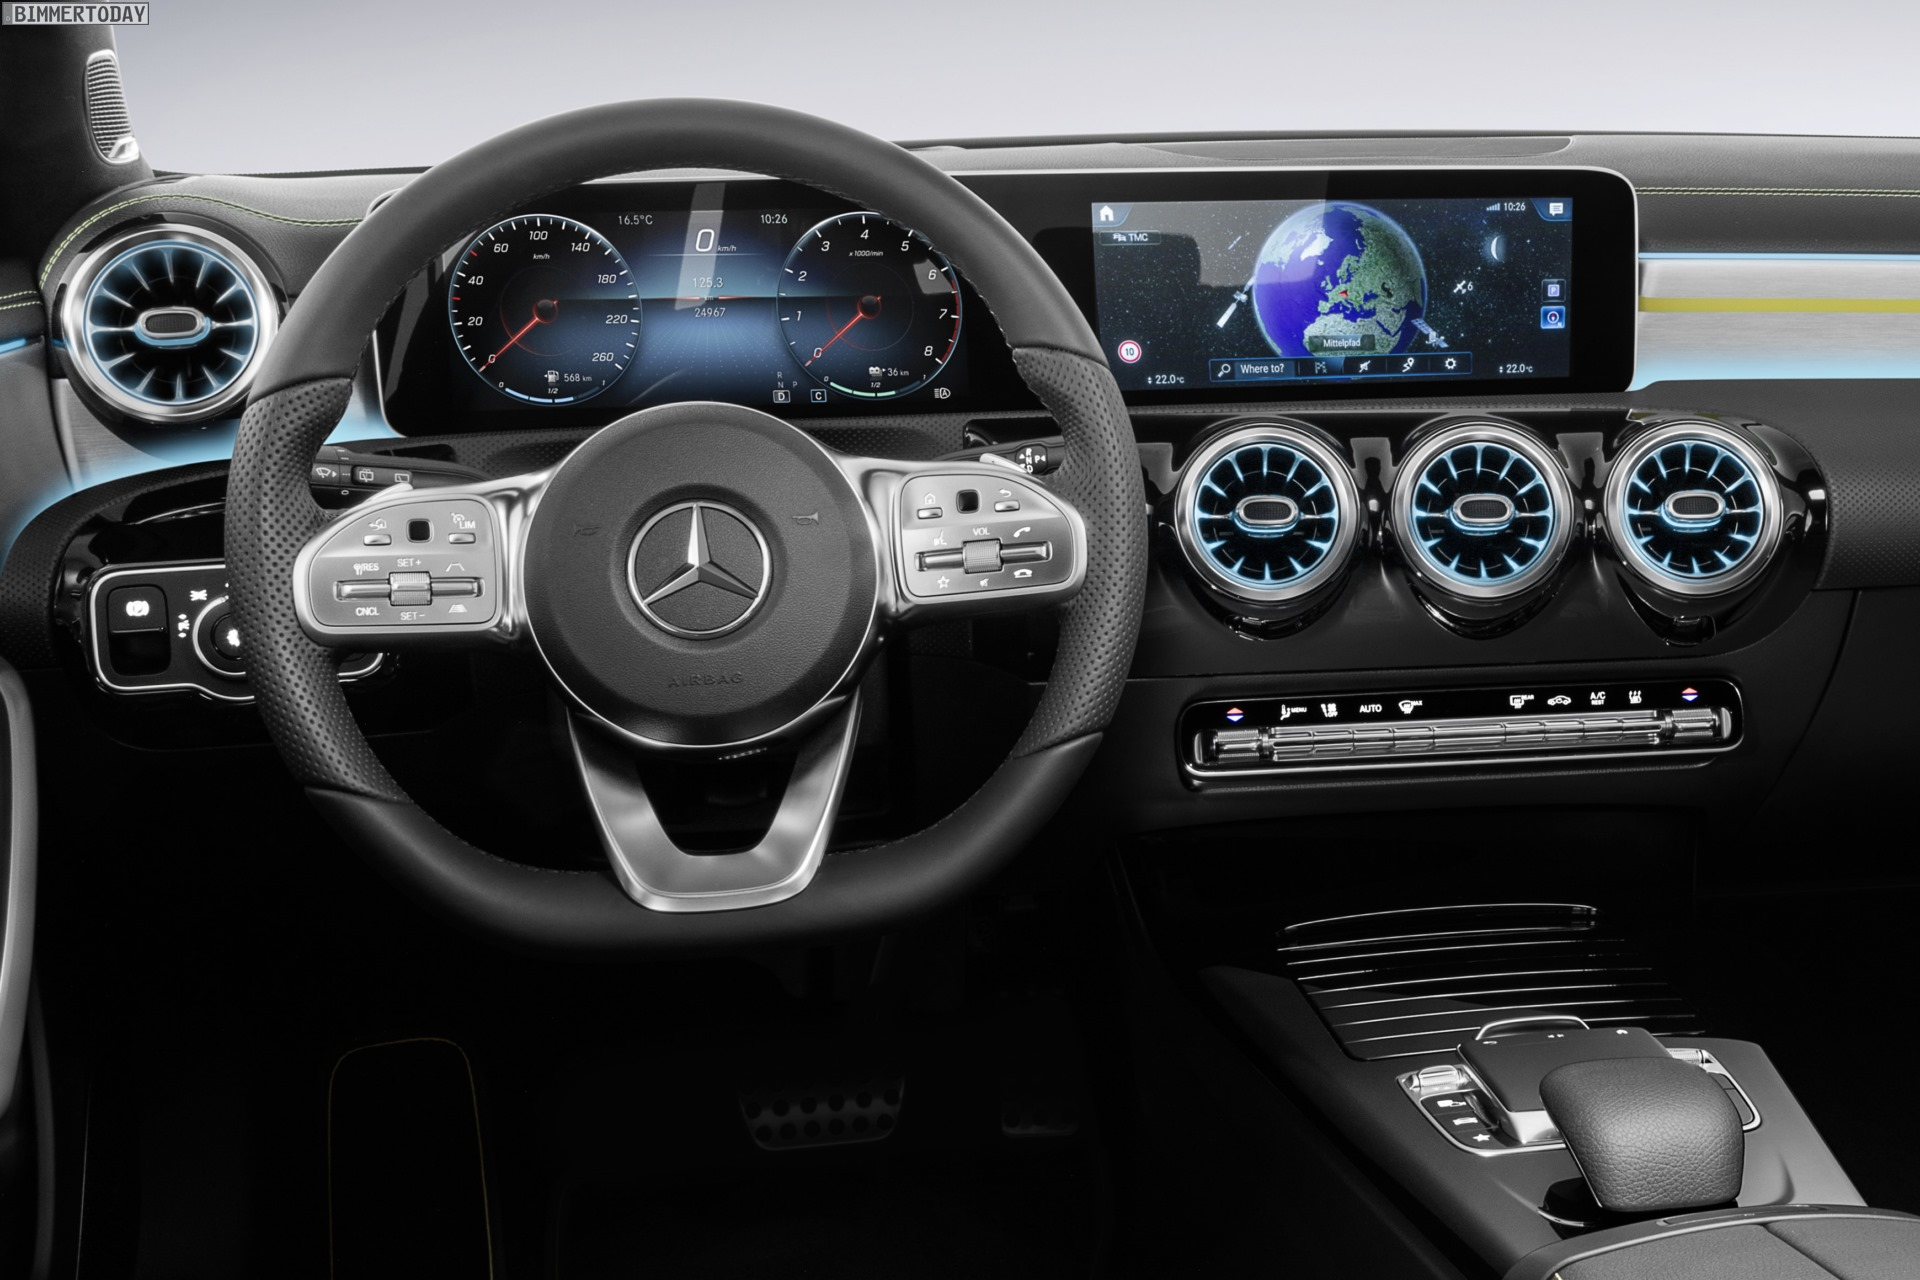 Mercedes Aklasse 2018 Erster Blick Ins Cockpit Des 1er